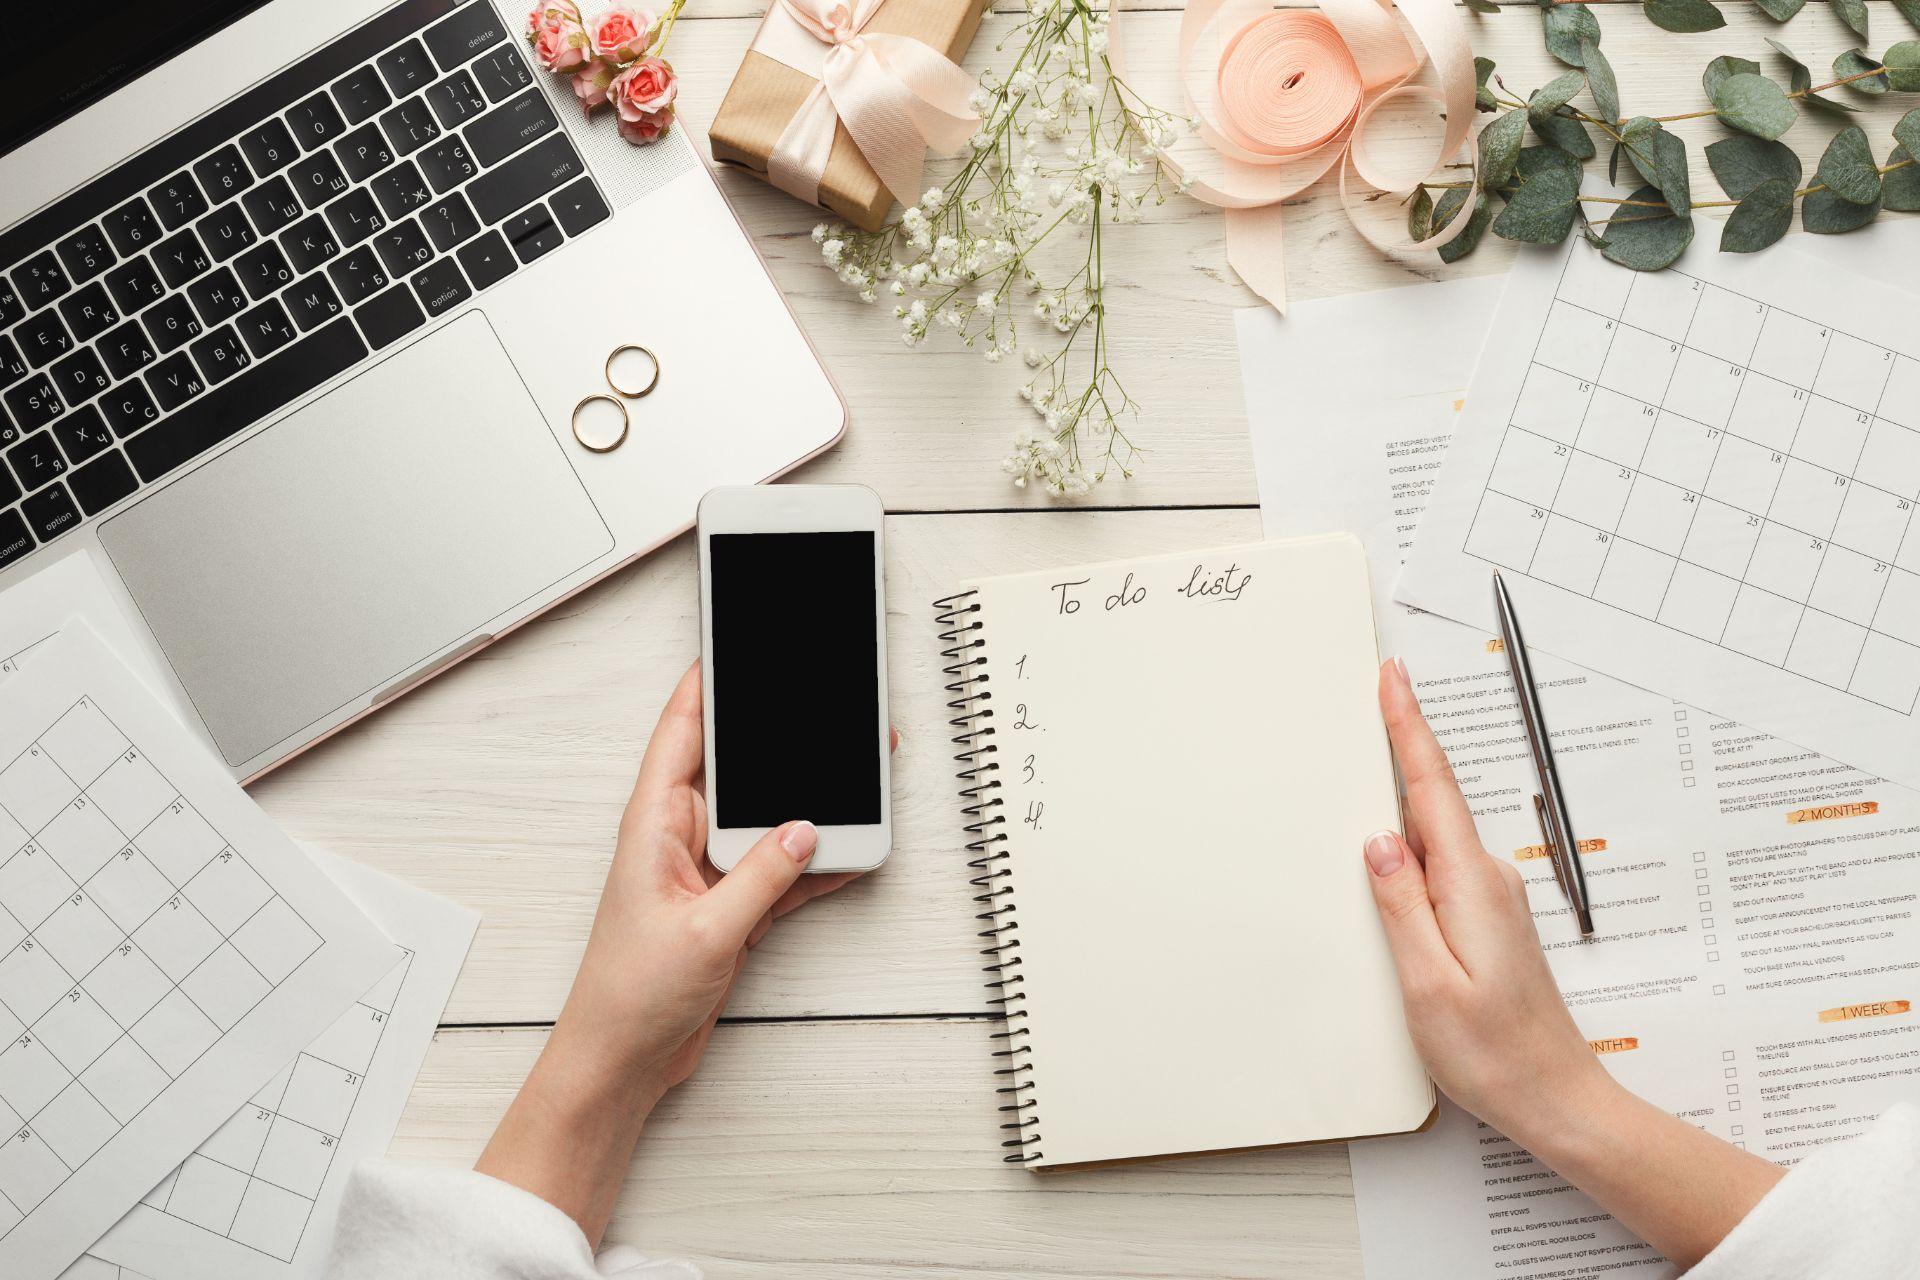 בלאק פריידיי 2019: טיפים ומבצעים שווים לזוגות מאורסים